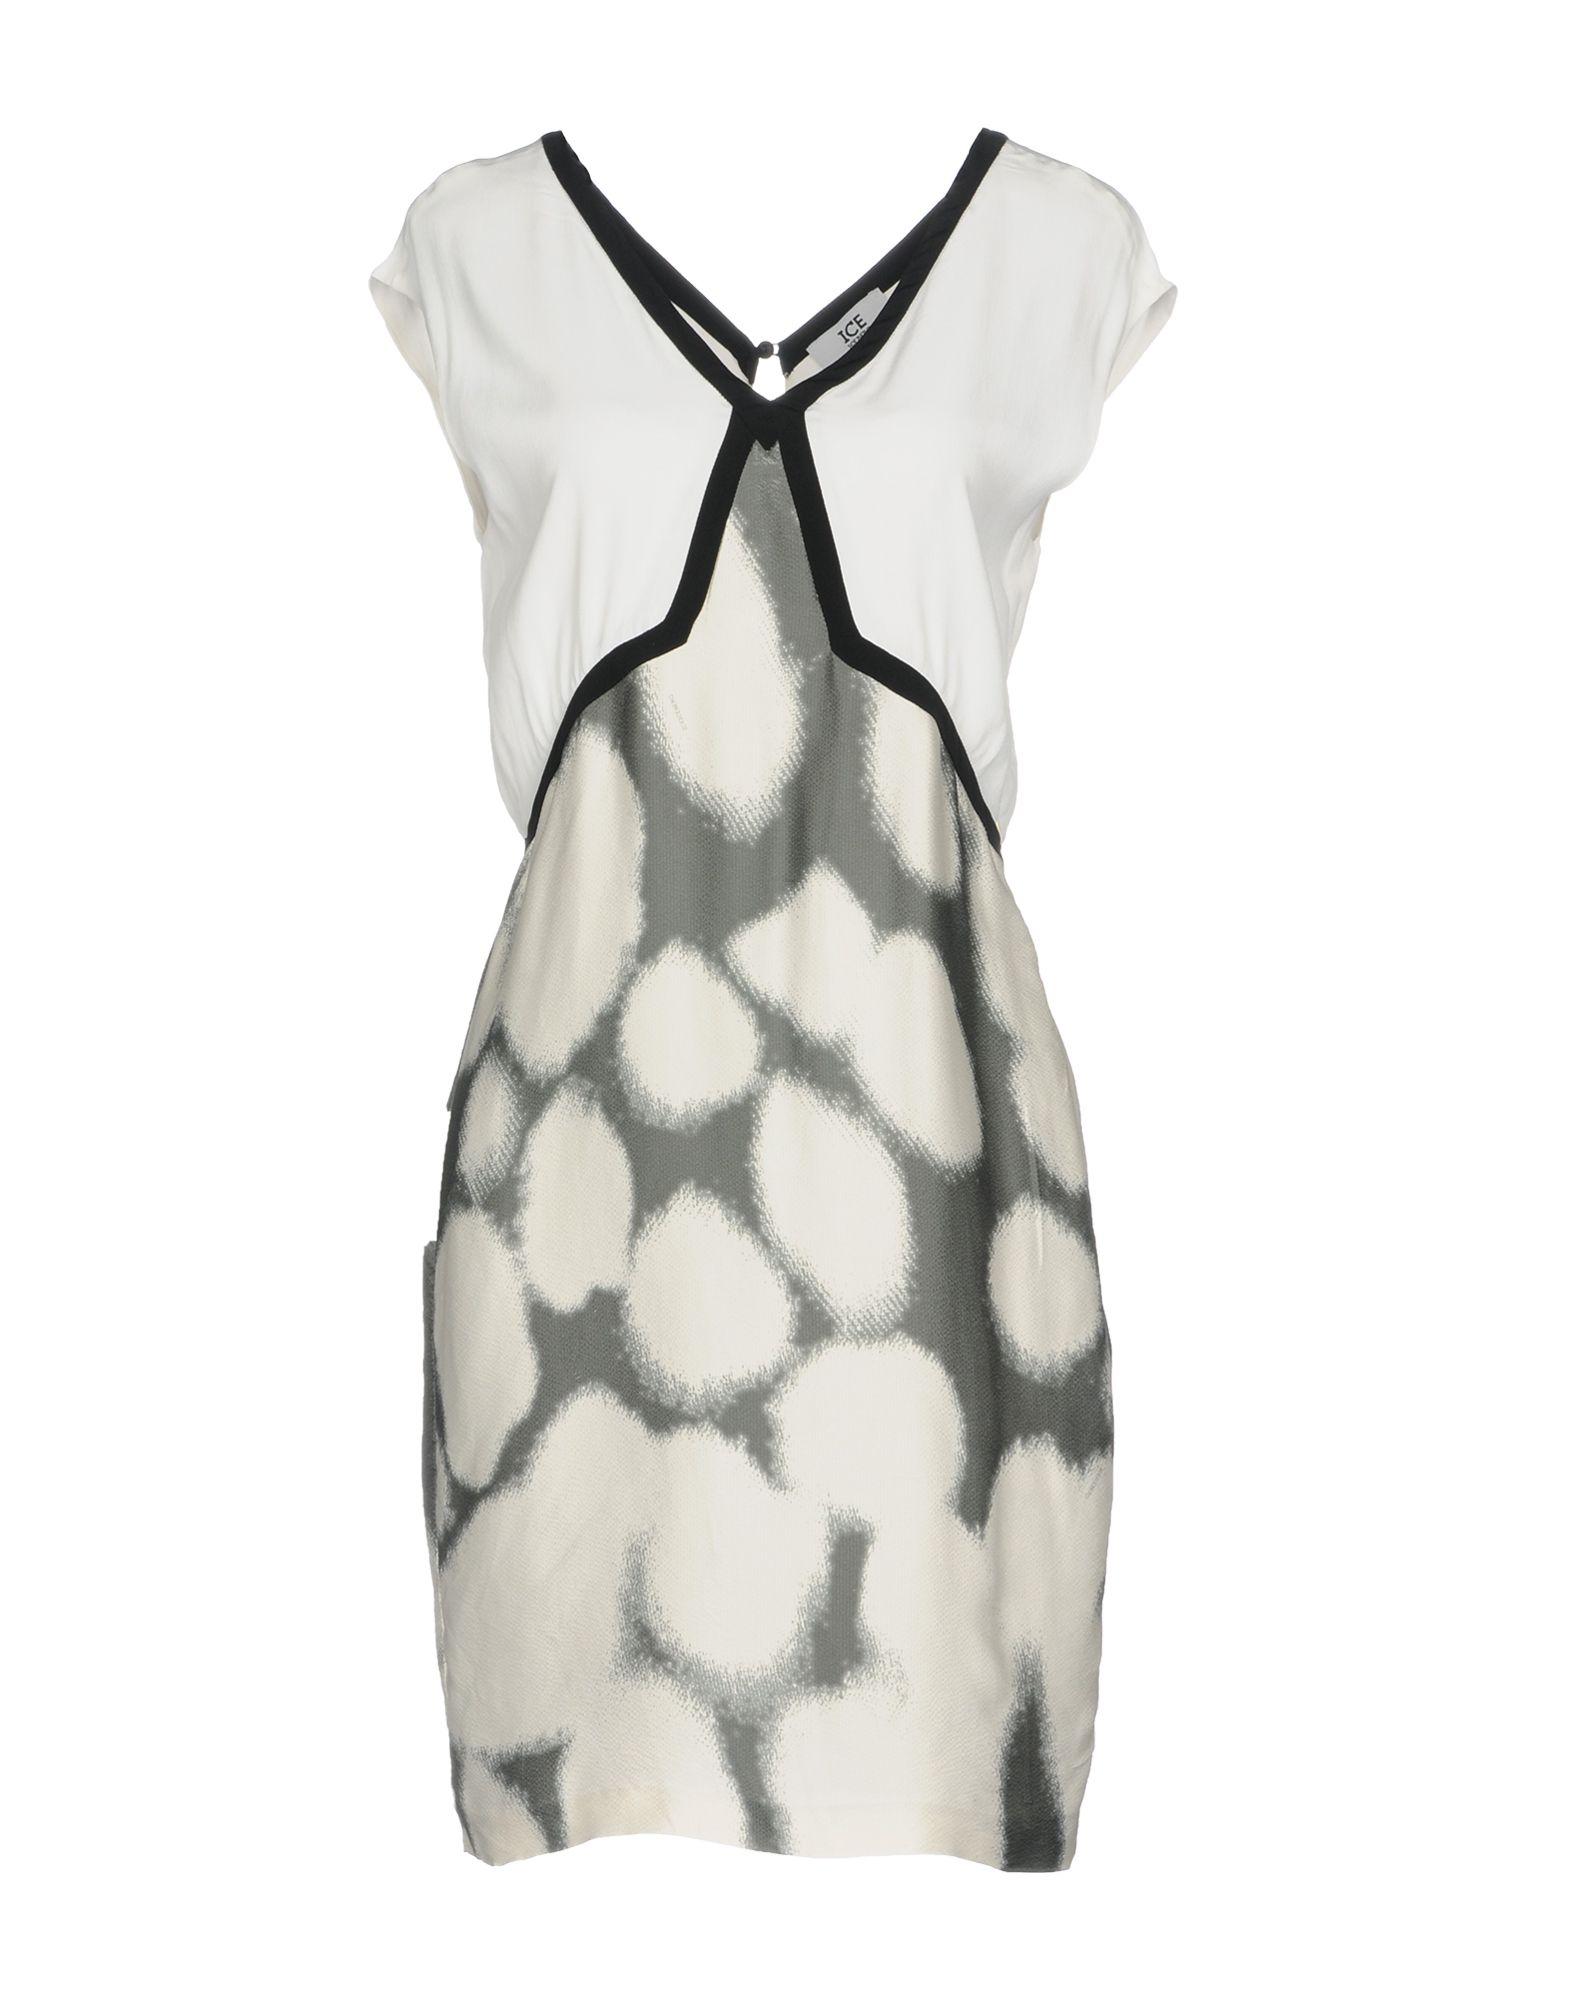 ICE ICEBERG Damen Kurzes Kleid Farbe Weiß Größe 3